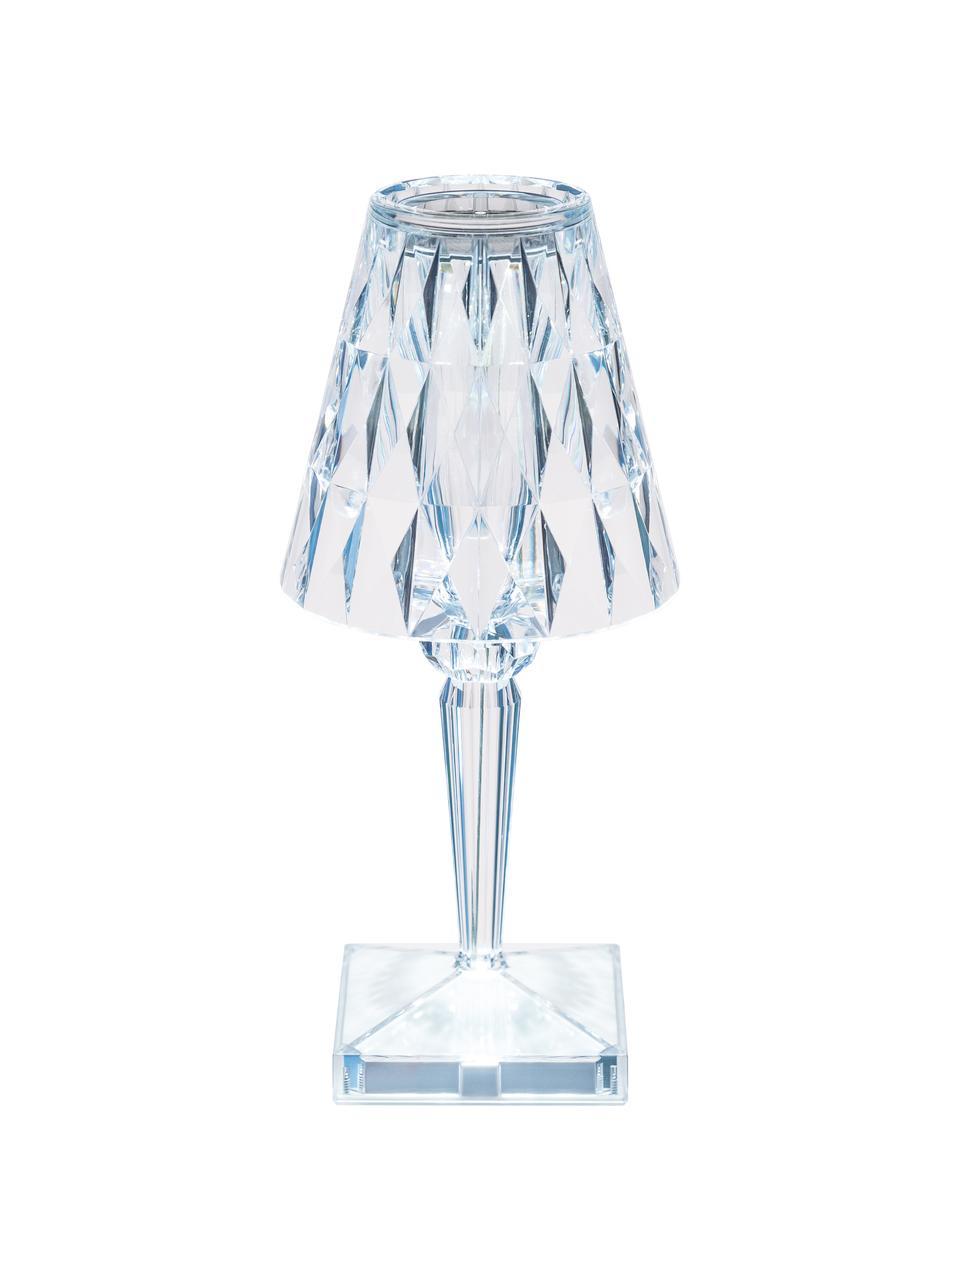 Kleine Design-LED-Tischlampe Battery, Lampenschirm: Kunststoff, Lampenfuß: Kunststoff, Transparent, Ø 12 x H 26 cm